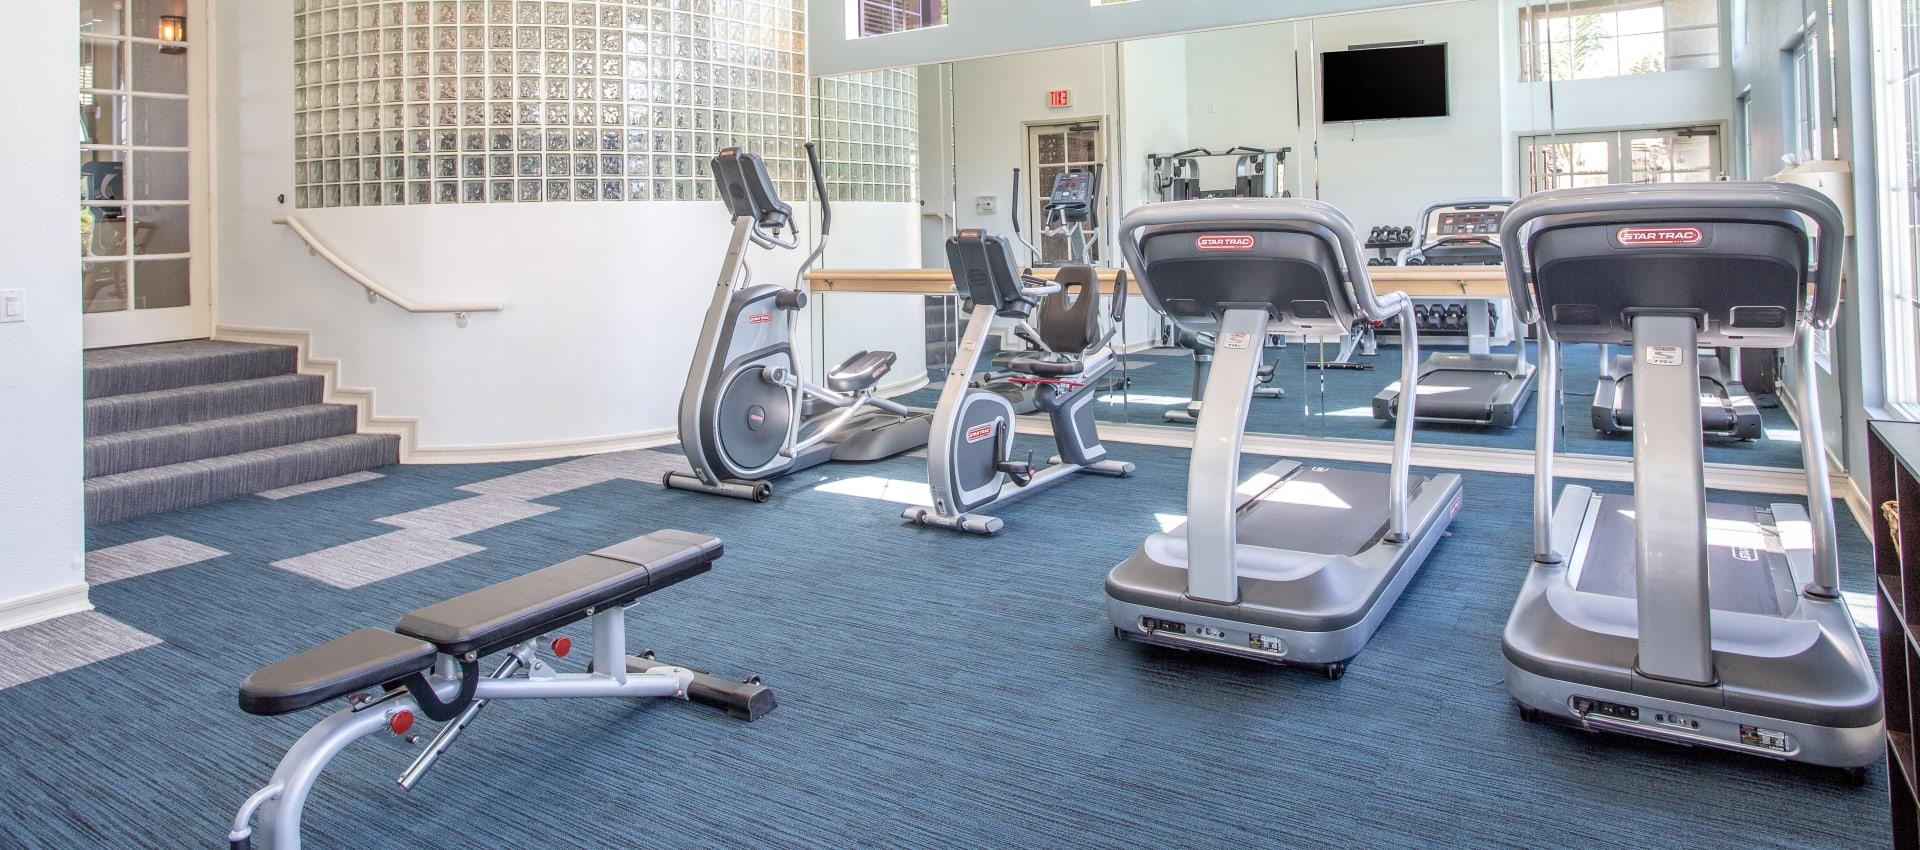 fitness center at Niguel Summit Condominium Rentals in Laguna Niguel, CA